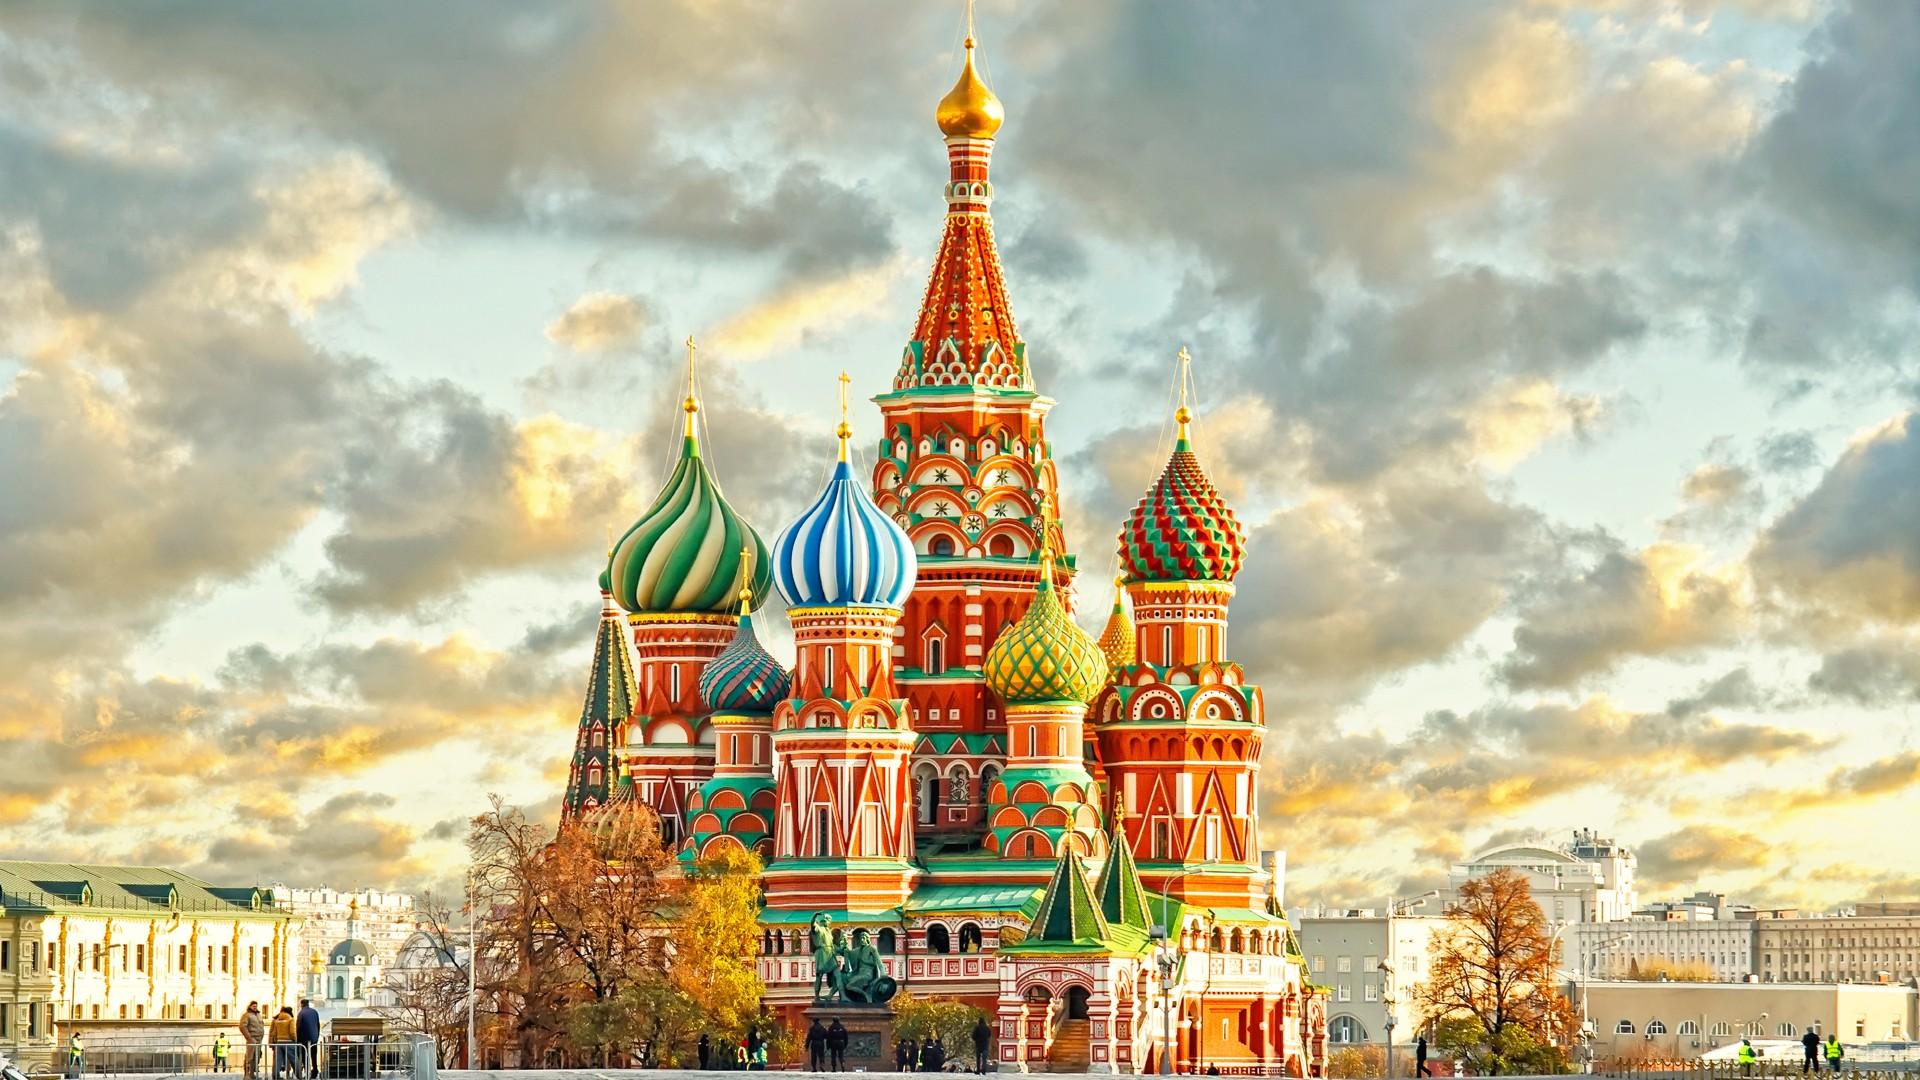 Купить битум в Москве